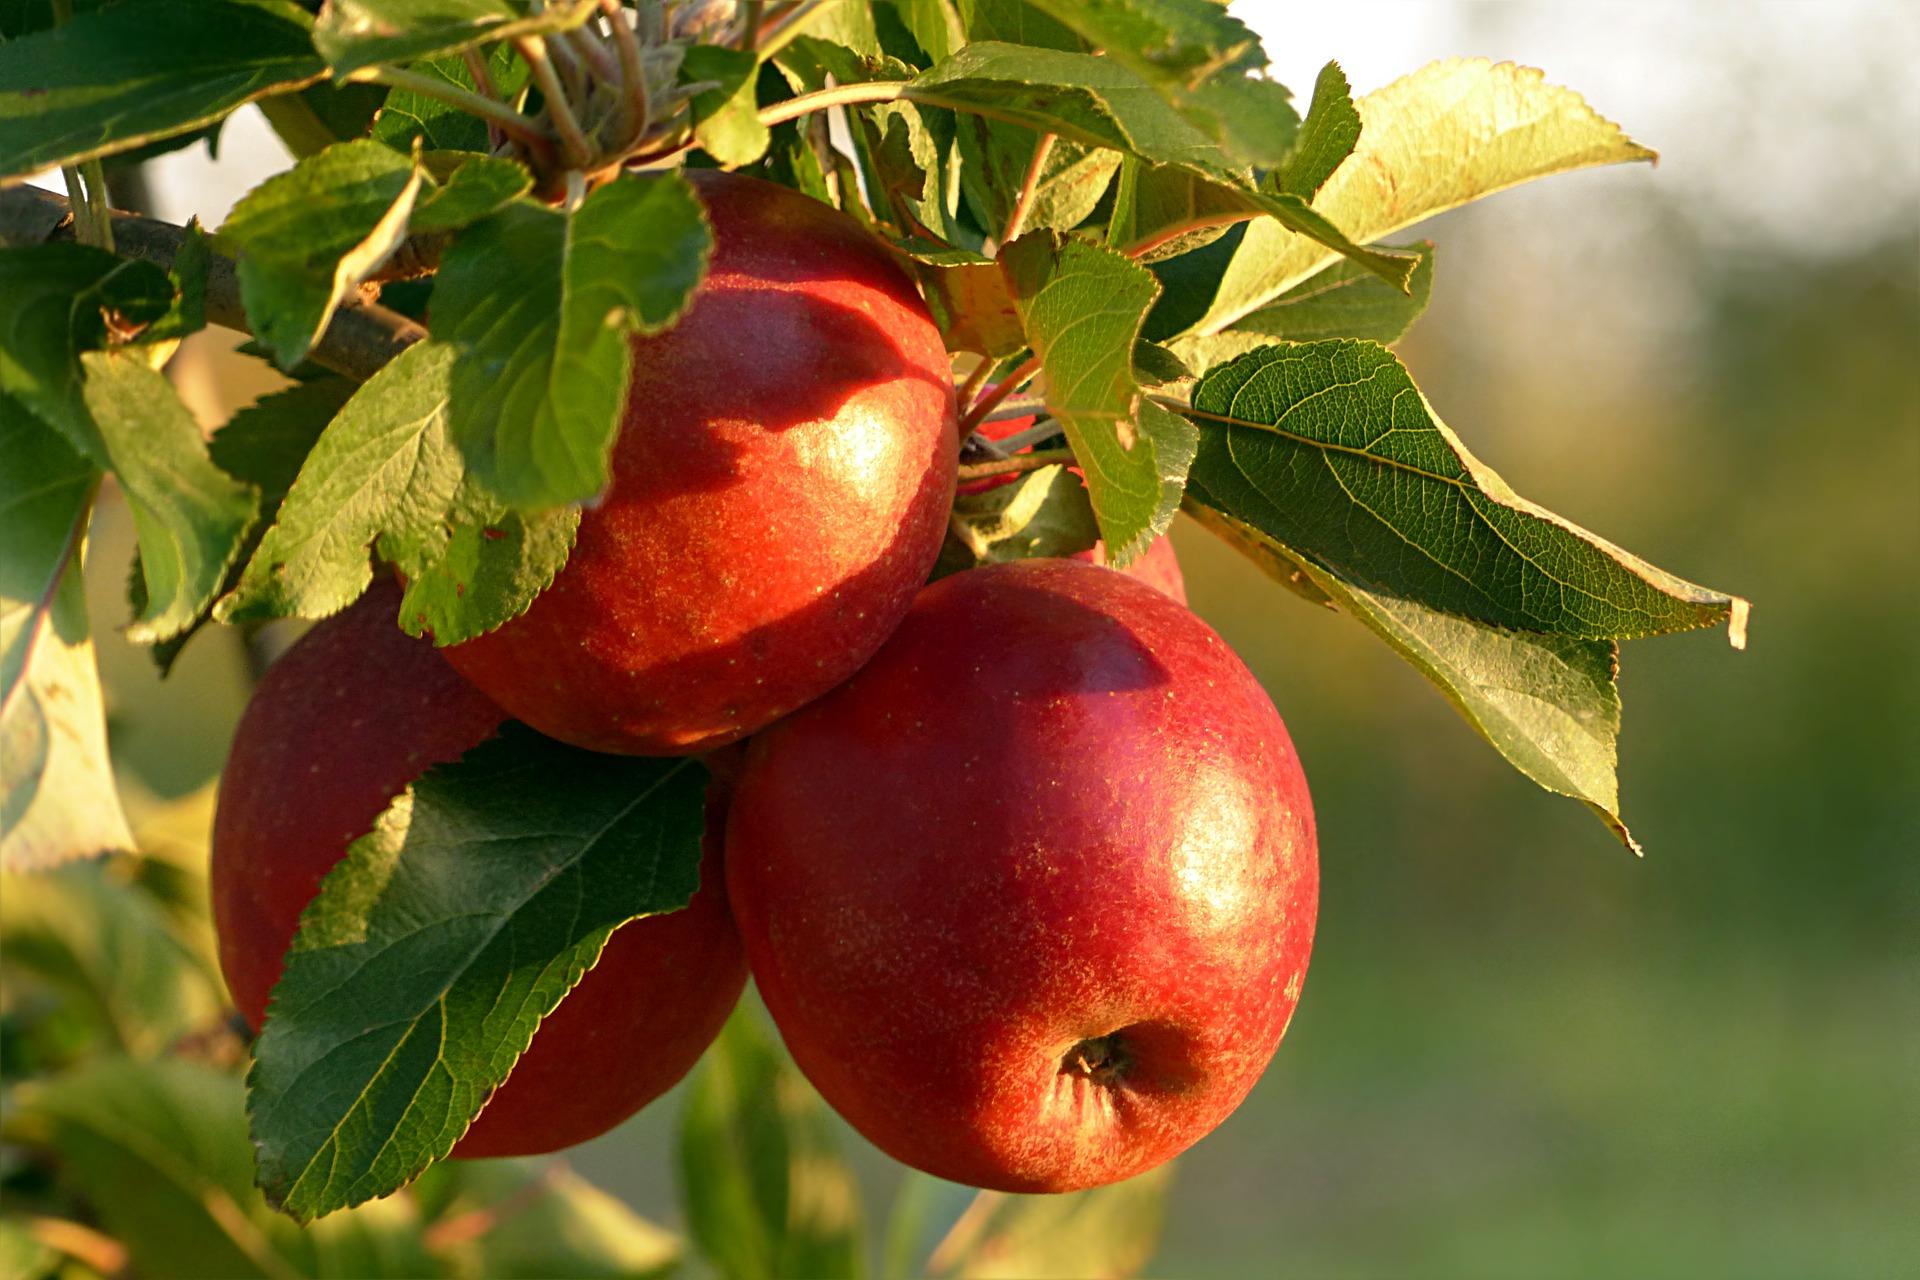 Polski eksport jabłek w II połowie 2019 r.